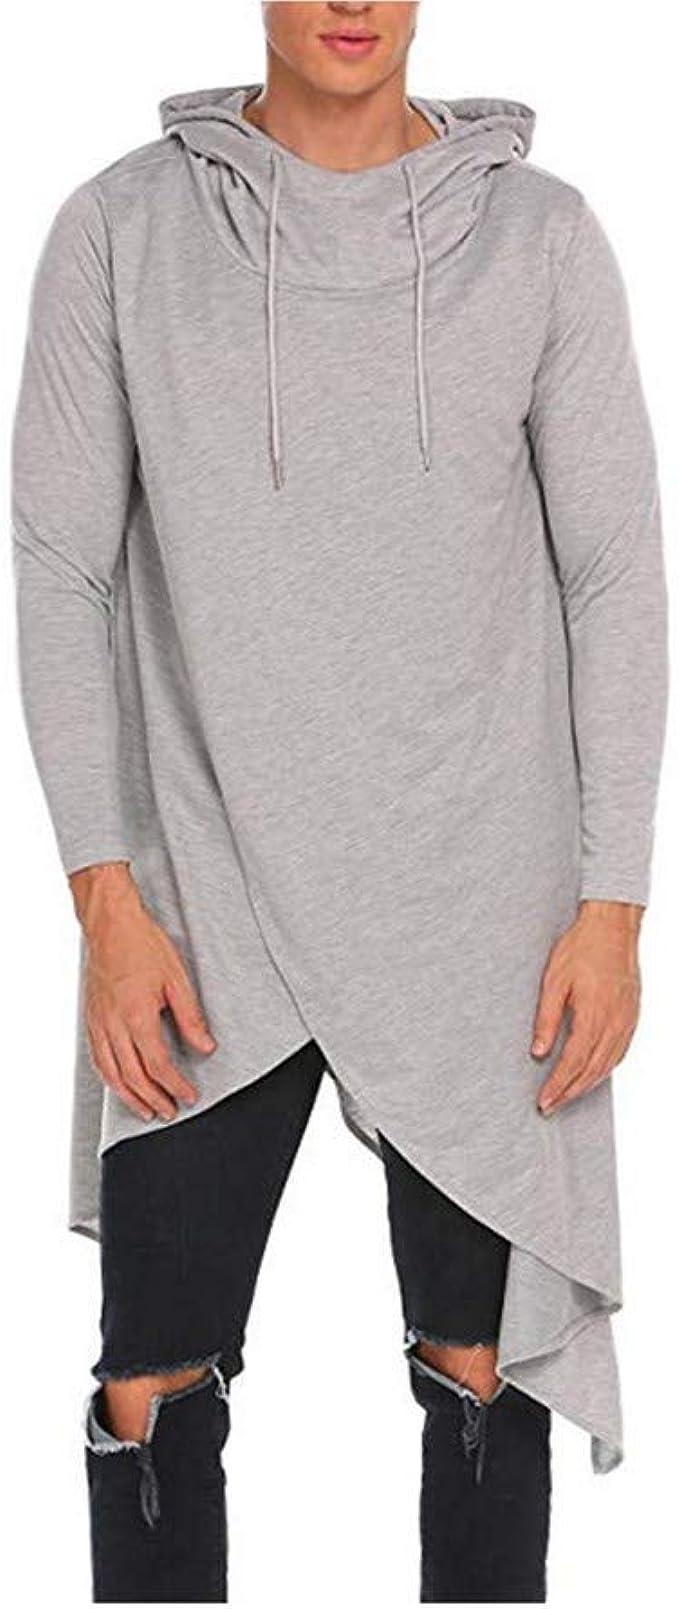 YEZIJIANG Homme Casual Sweat à Capuche T Shirts à Manches Longues Tops Hommes Asymétrie Pullover Pull à Capuche Longsleeve Sweatshirt Veste Basic col